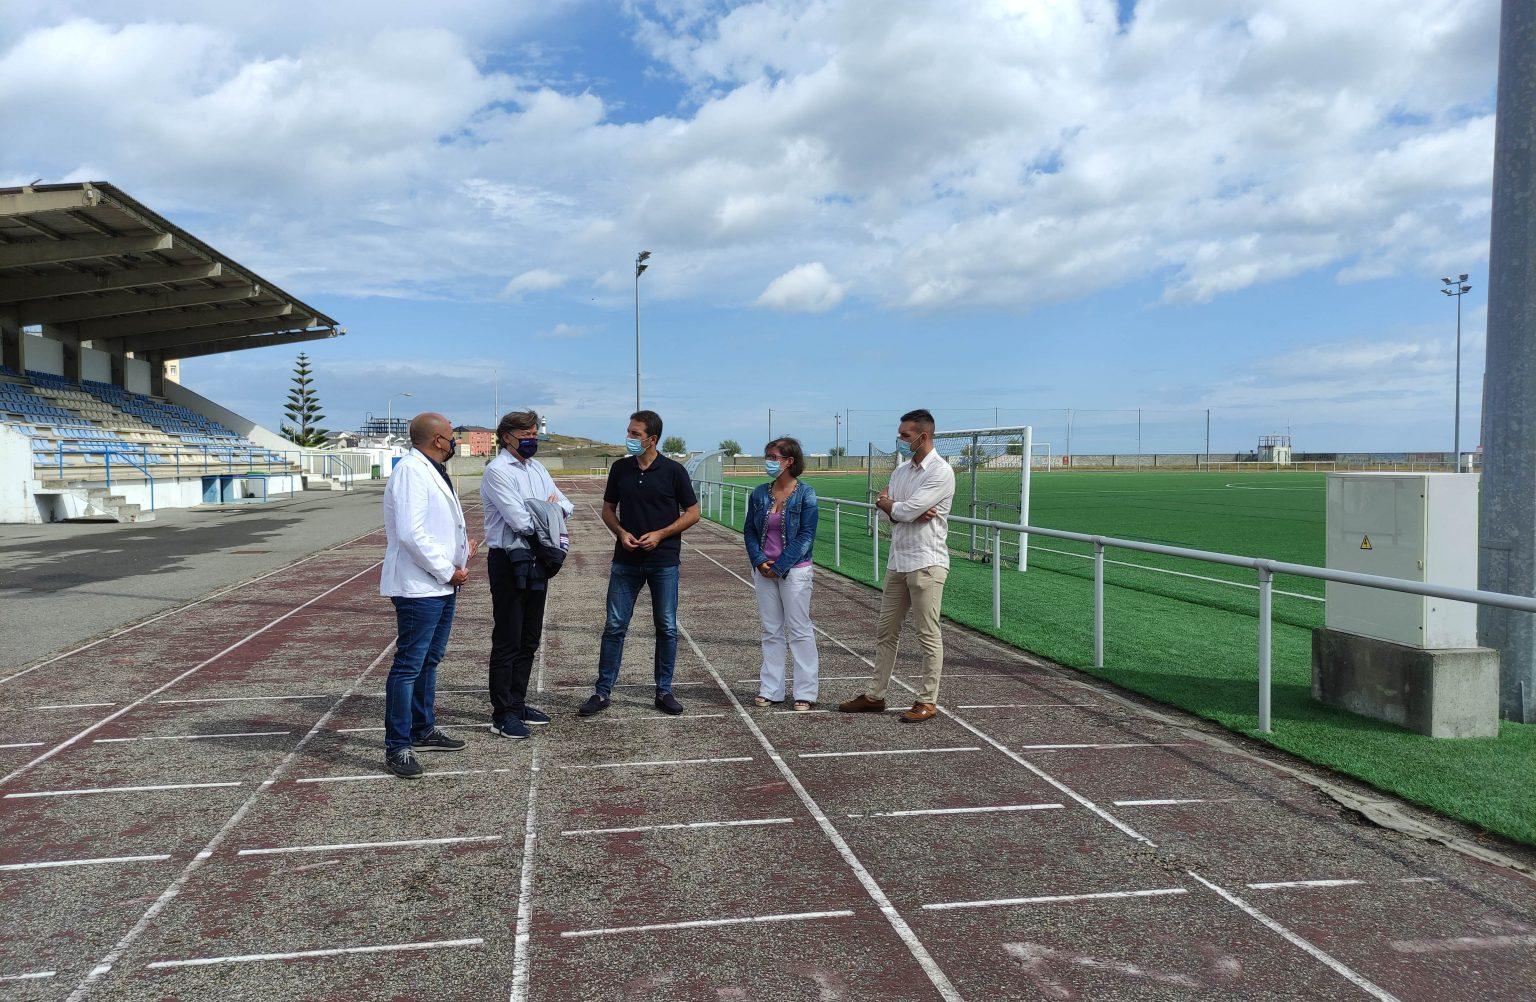 Cervo pide respecto para os seus veciños e para o municipio e ratifica a súa firme vontade de impulsar a primeira pista de atletismo homologada da Mariña